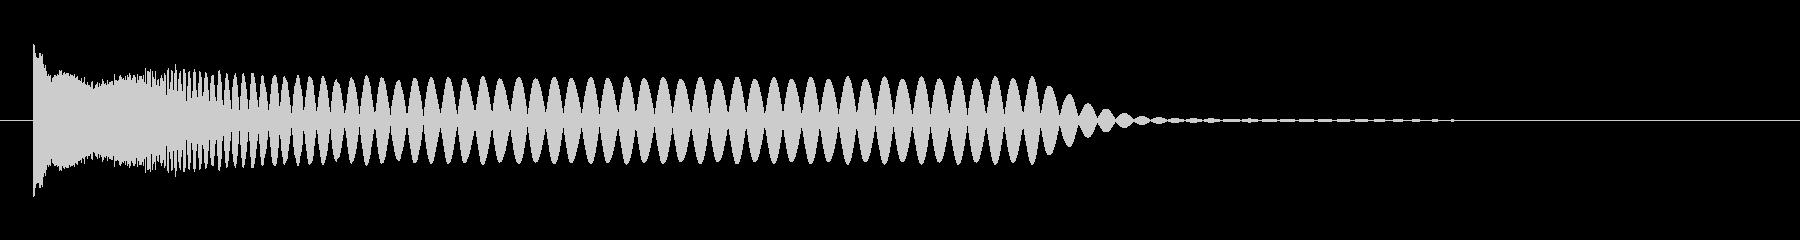 クラブ系 決定音11(プチュン)の未再生の波形